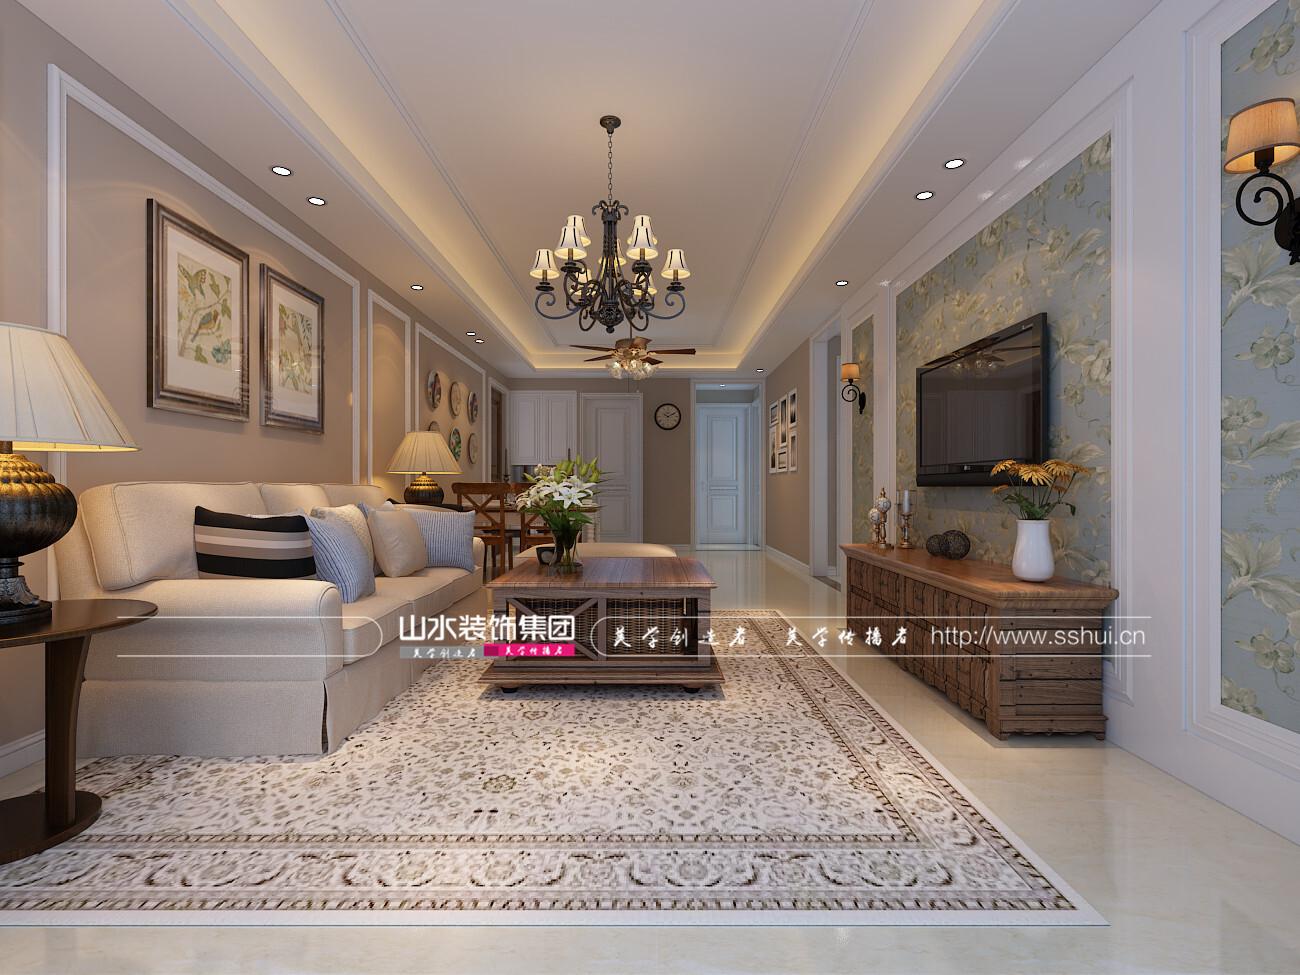 藏龙阁美式风格120平方四室两厅装修效果图